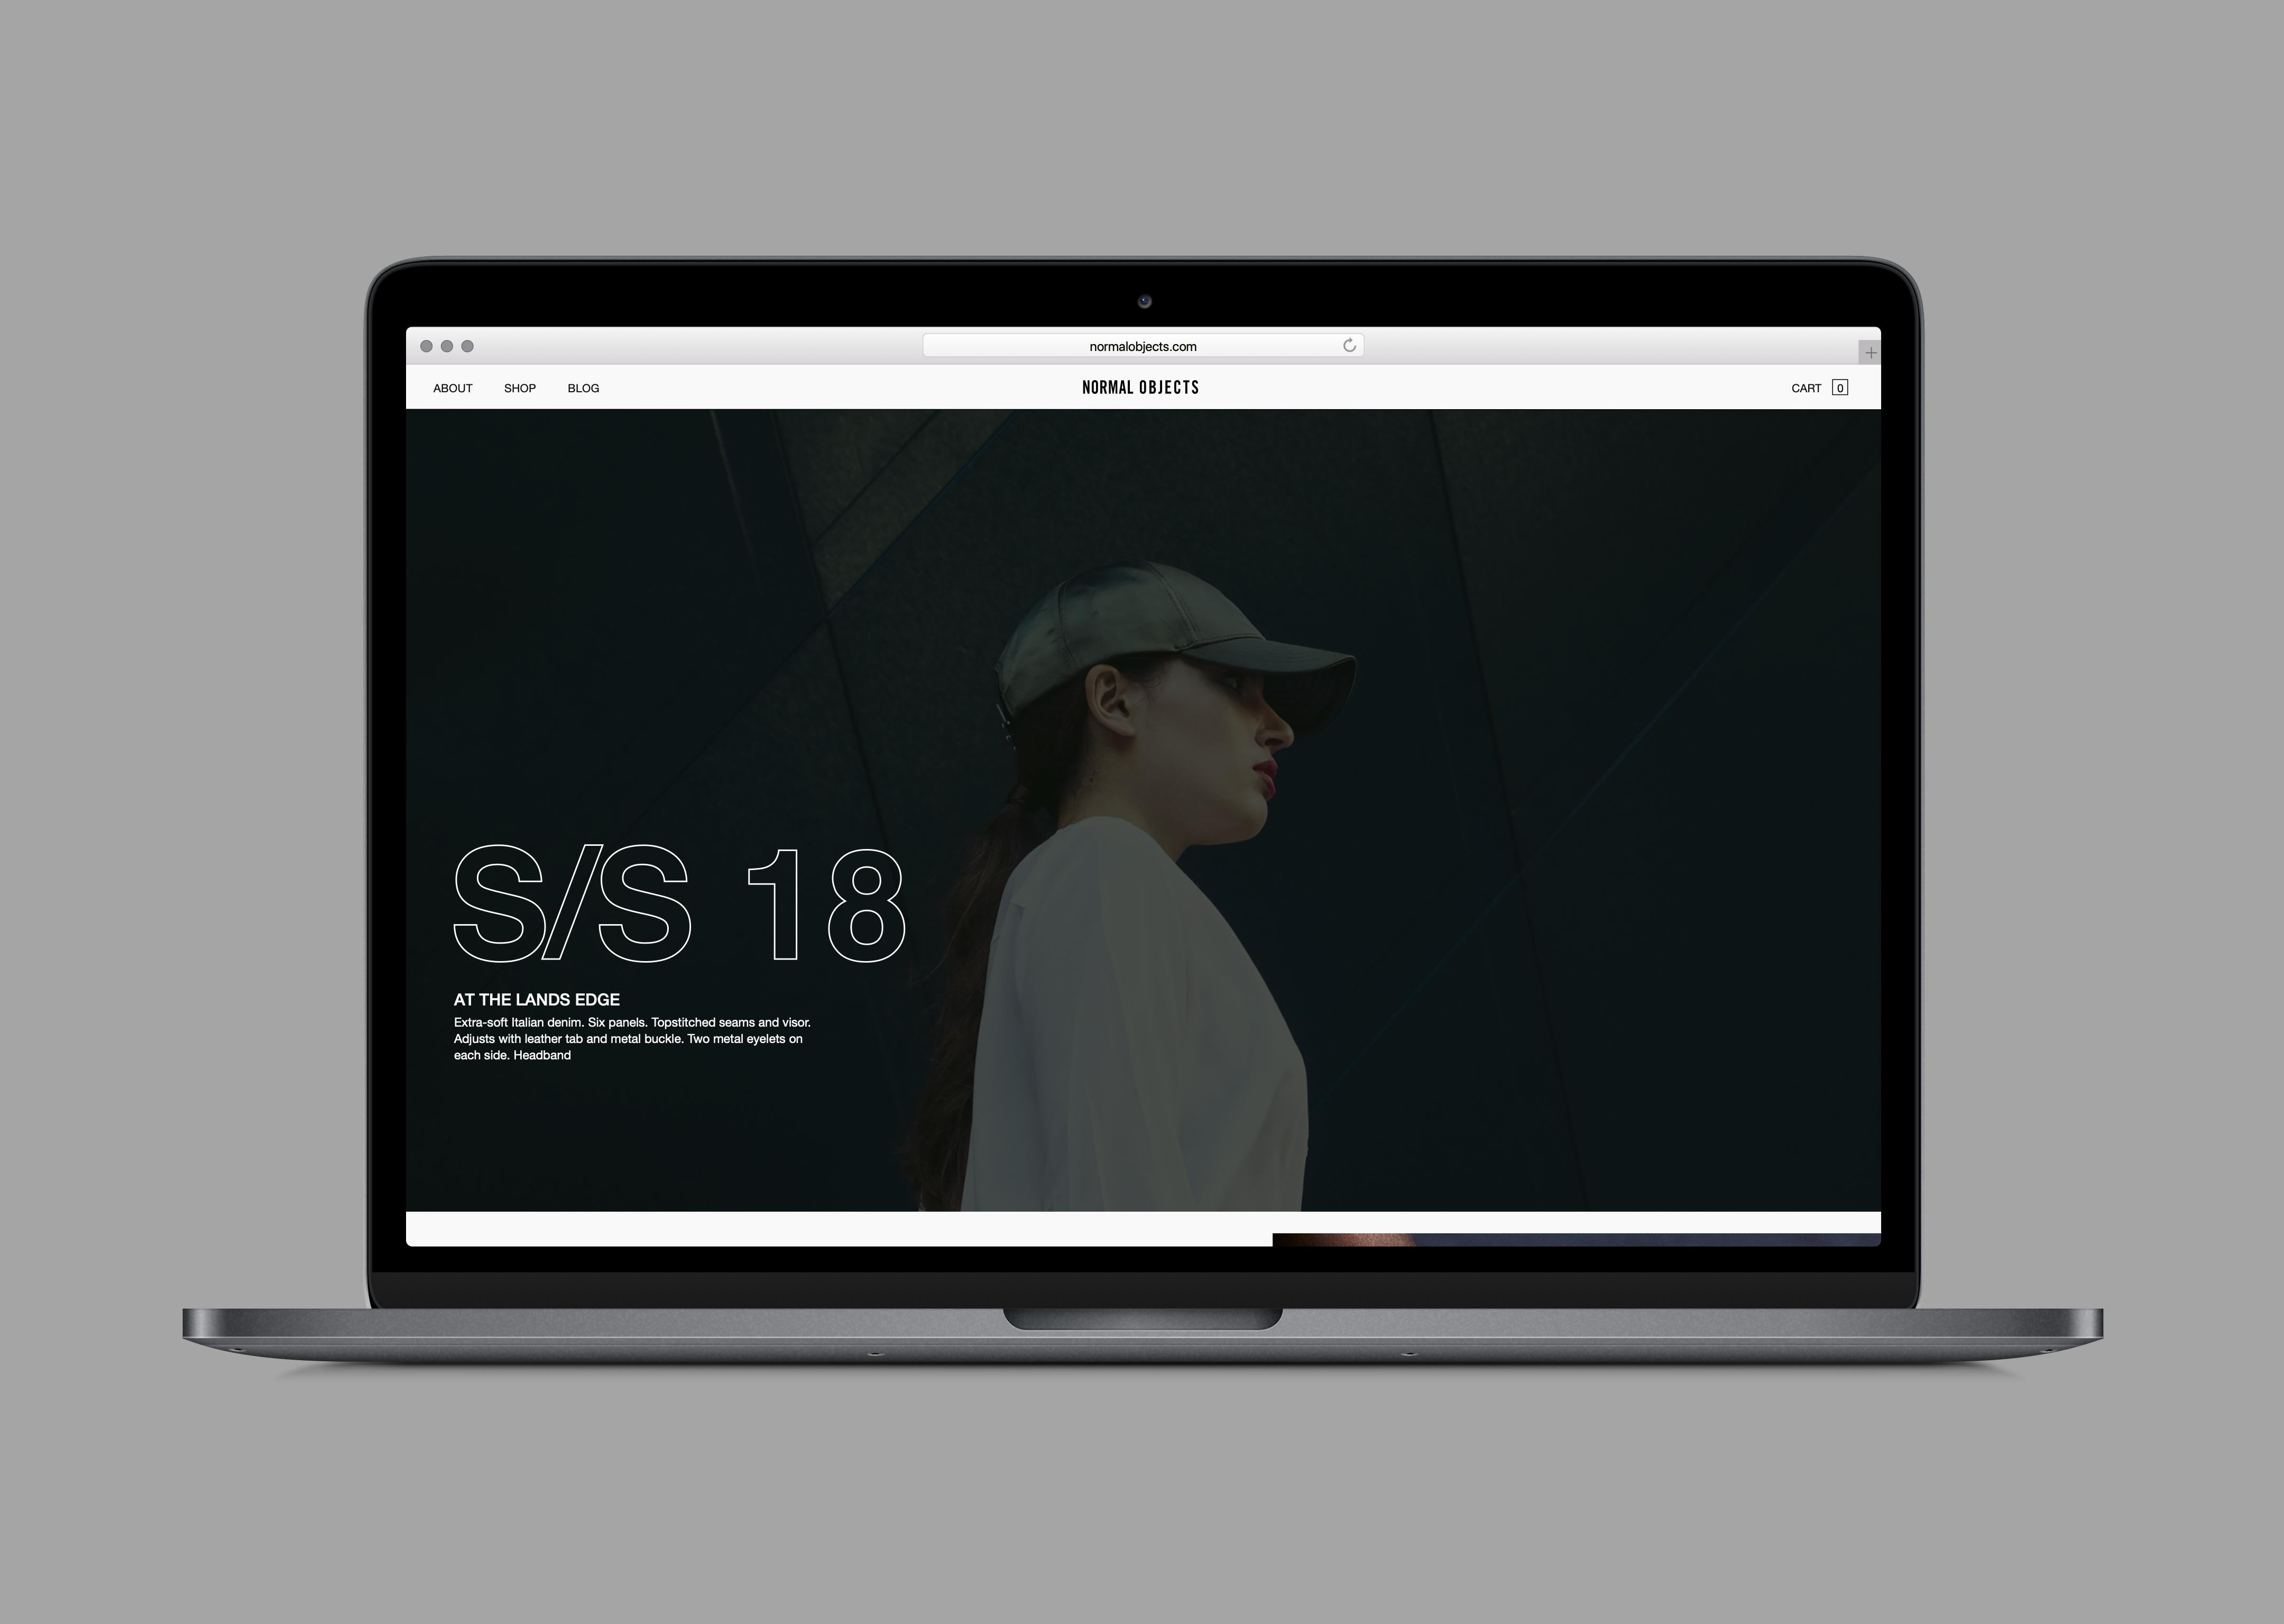 Macbook-11